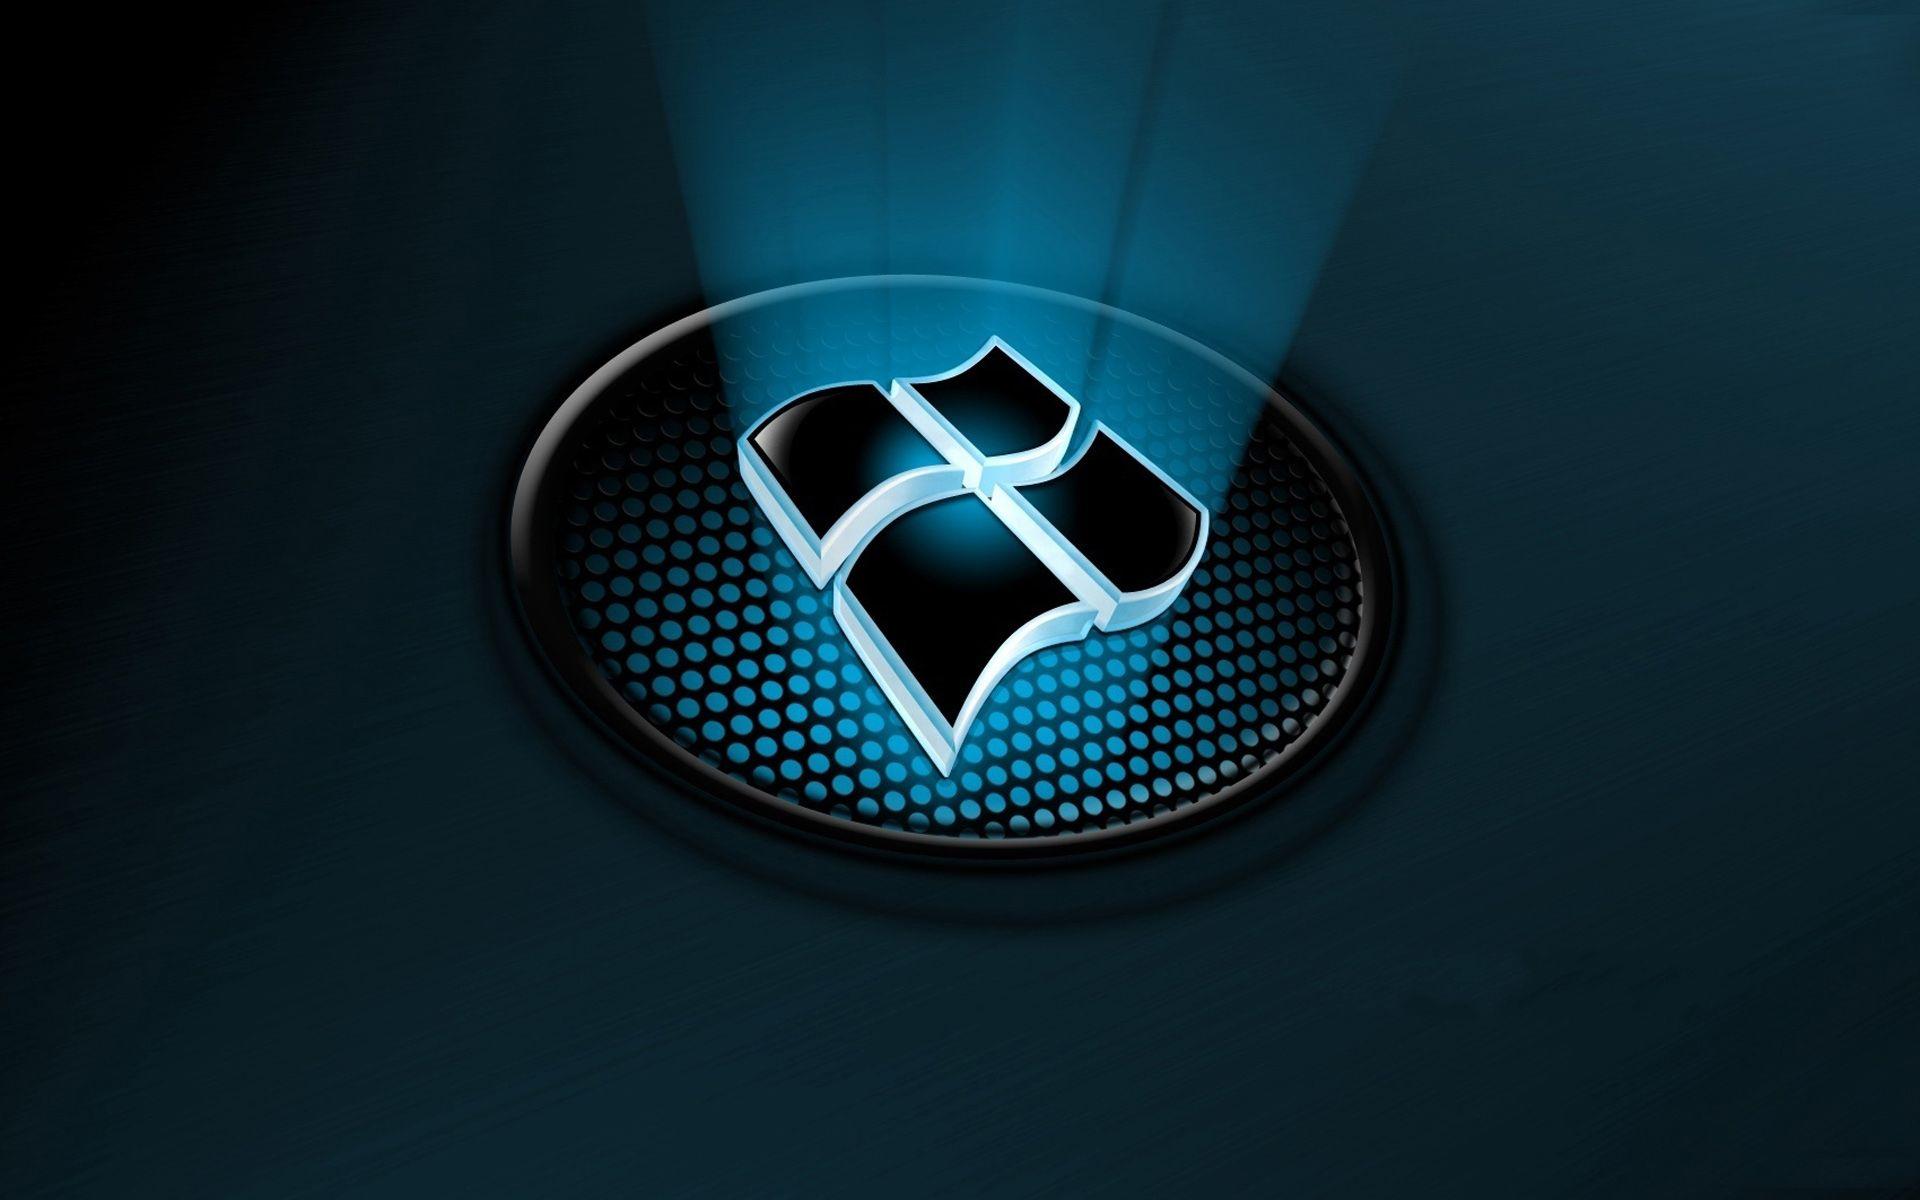 3d Ventanas Logotipo Fondos De Pantalla De Primavera Fondos Pantalla Windows 10 Pantalla De Pc